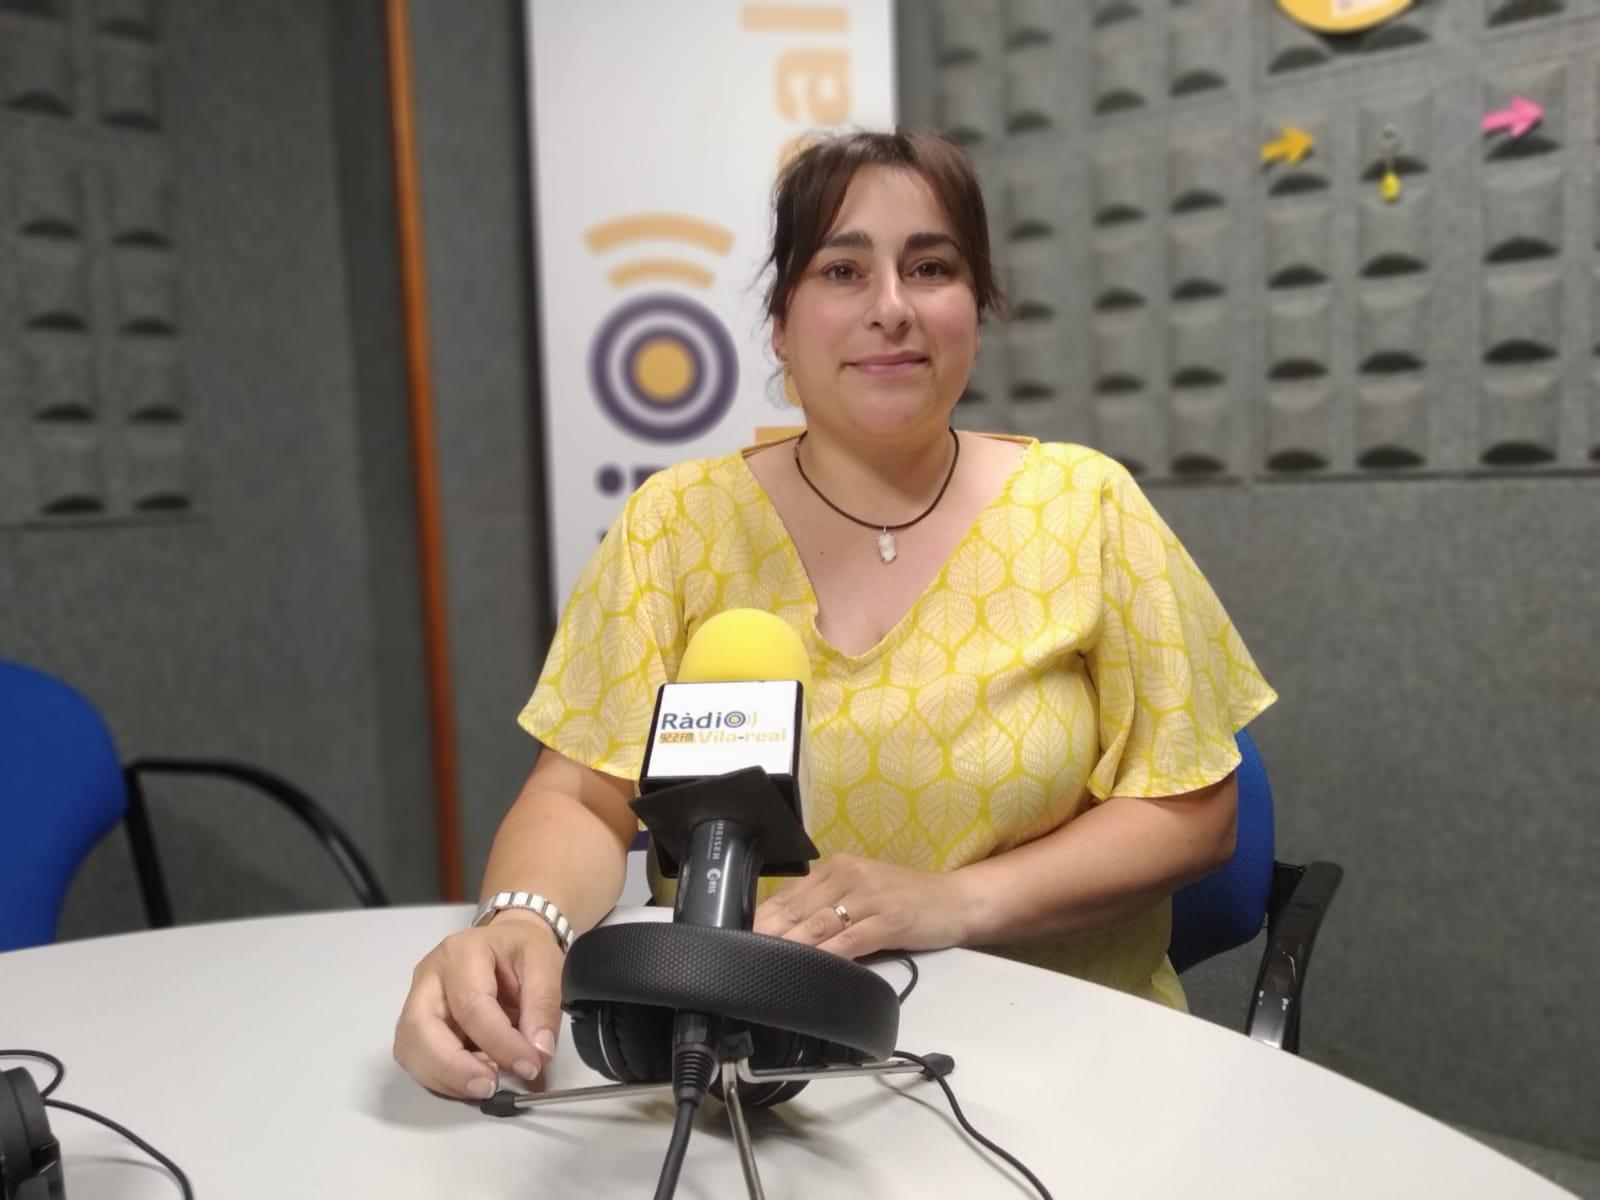 Bienvenida, Miriam Caravaca.